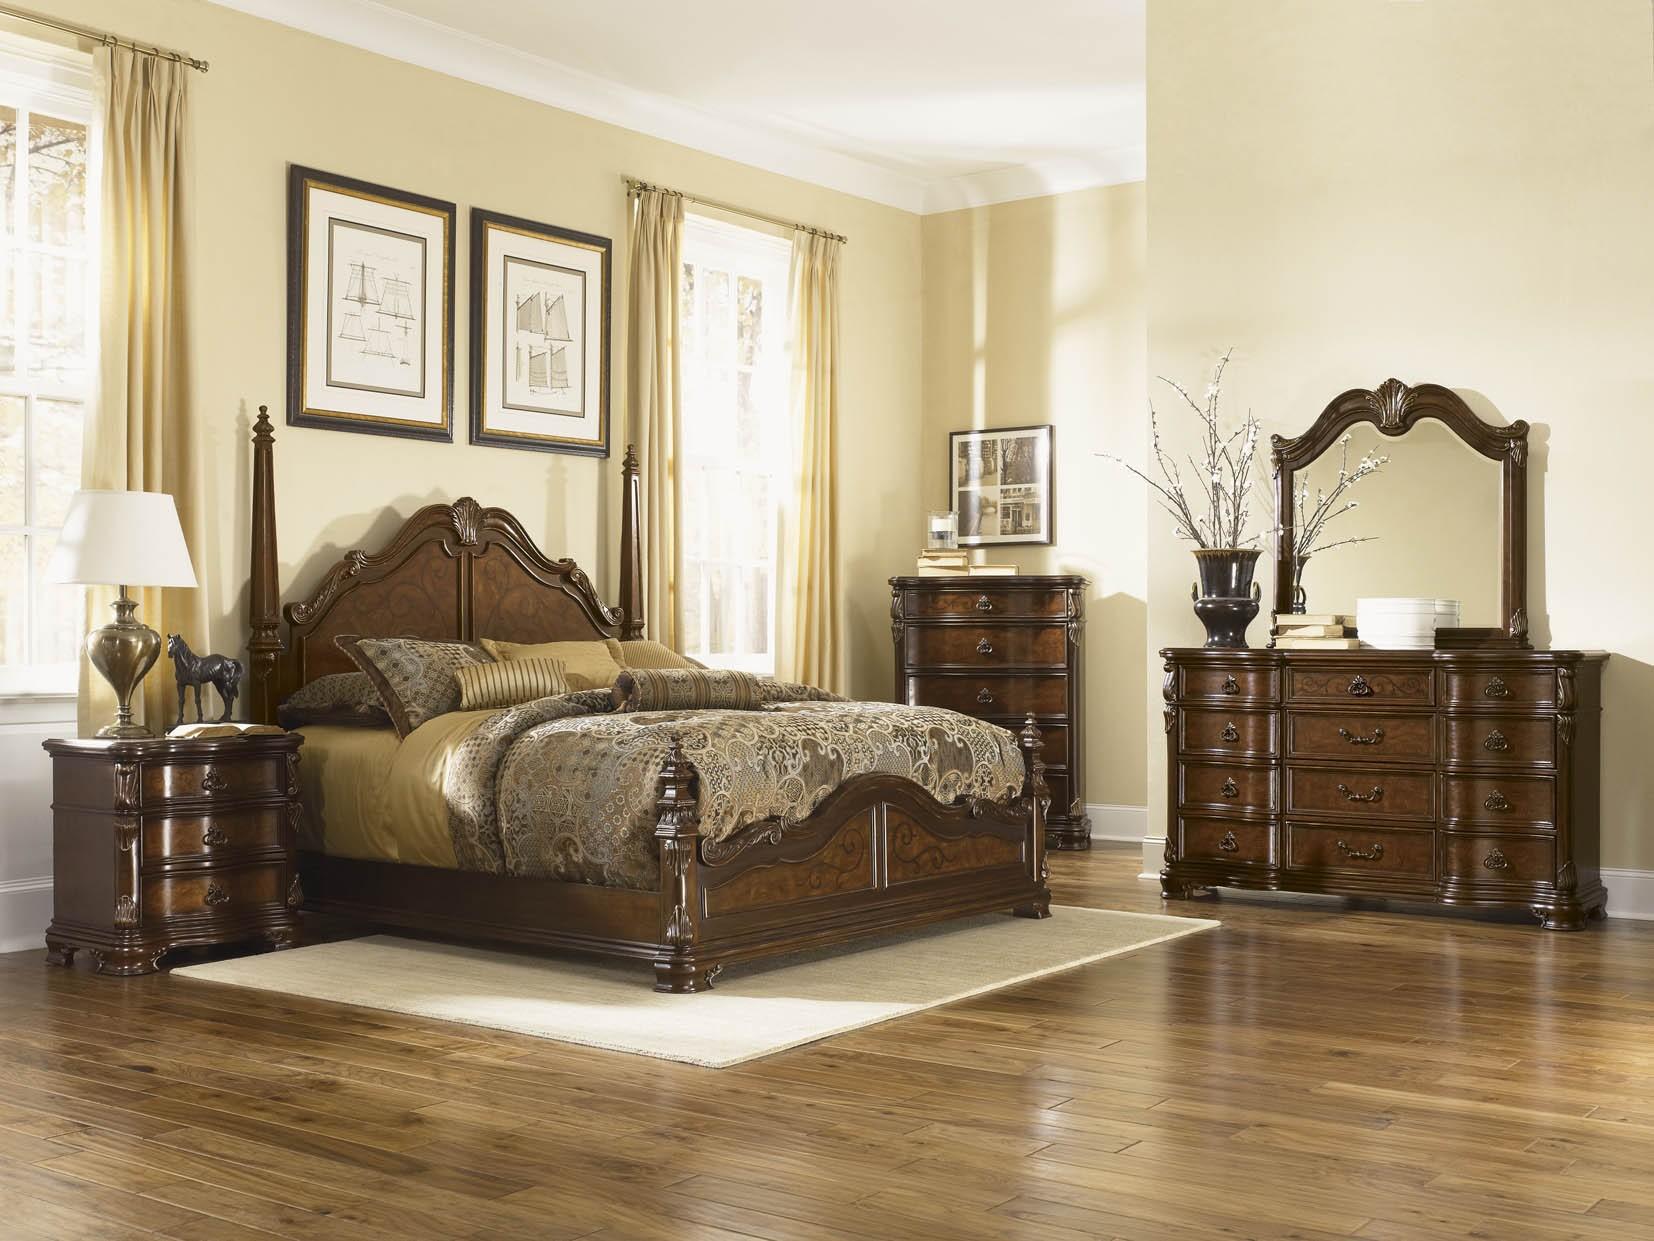 بالصور غرف نوم كلاسيك , اجمل غرف نوم كلاسيك لبيتك 6161 4